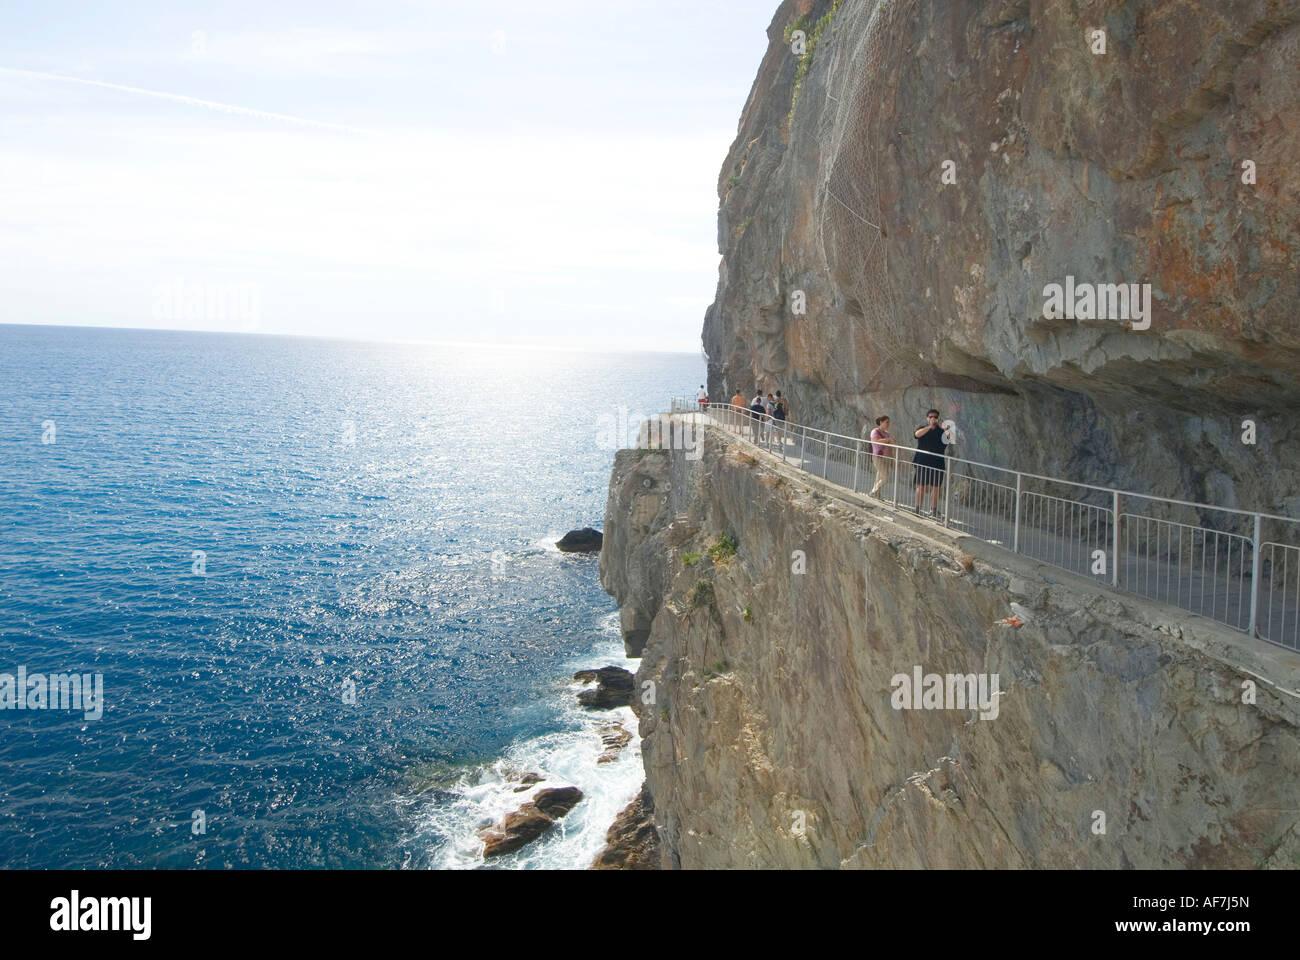 Via Dell Amore trail Riomaggiore Cinque Terre Italy - Stock Image